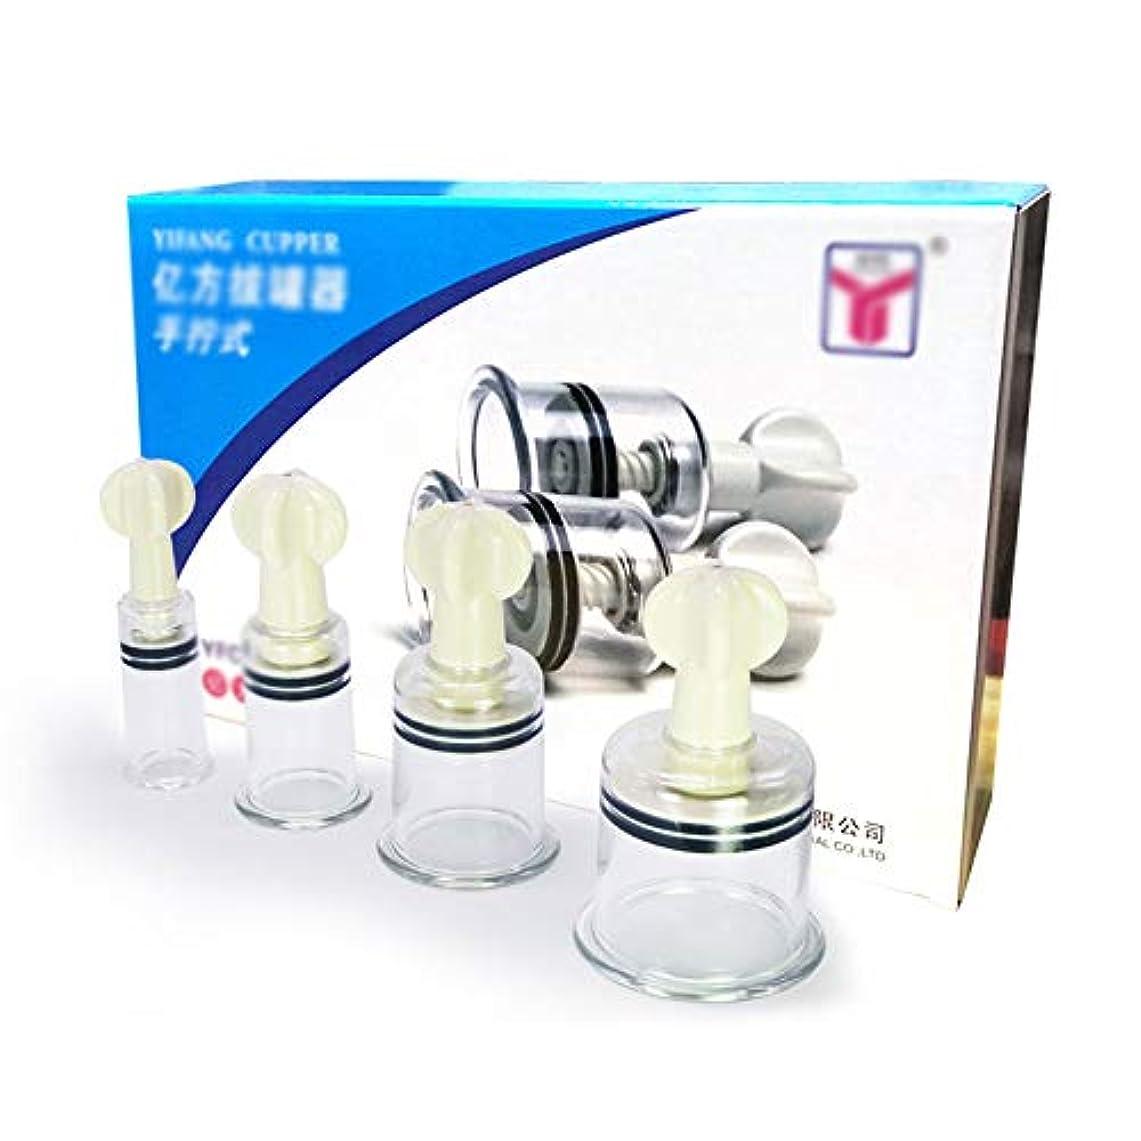 アレキサンダーグラハムベル空洞書くキャッピング装置 - マニュアルロータリープロップ治療装置4/12カップセット大人用非ポンピングガスシリンダー 美しさ (サイズ さいず : 4 cans)